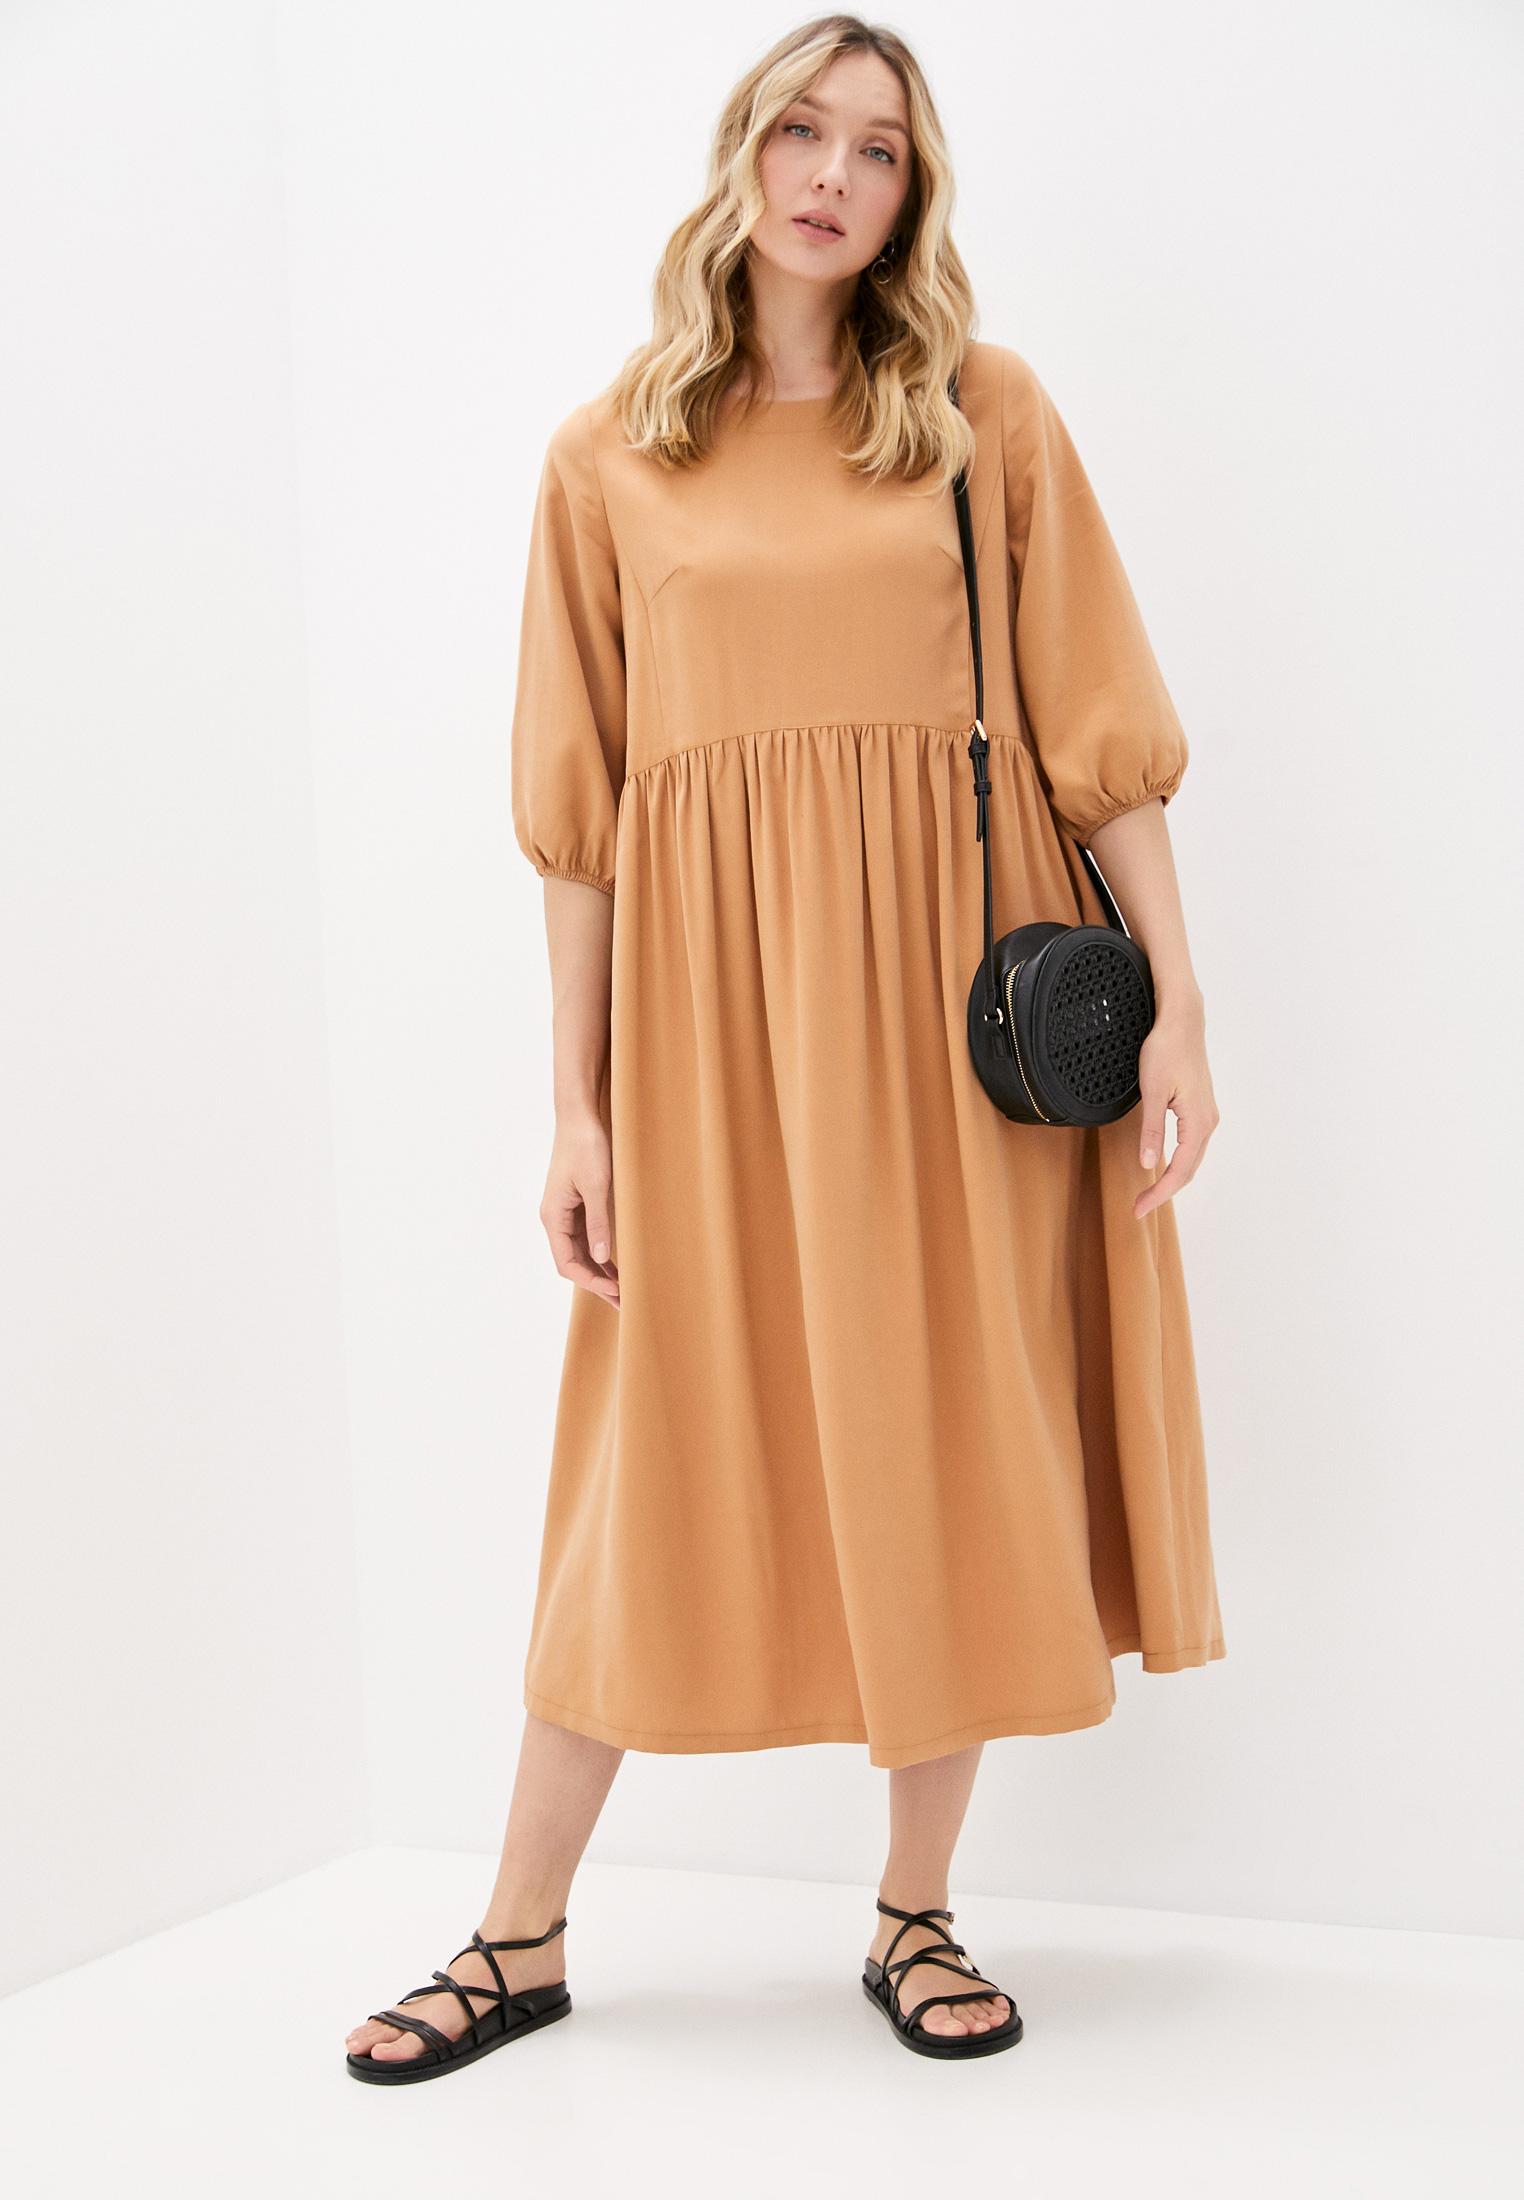 Повседневное платье Nataliy Beate Платье мод.522: изображение 1